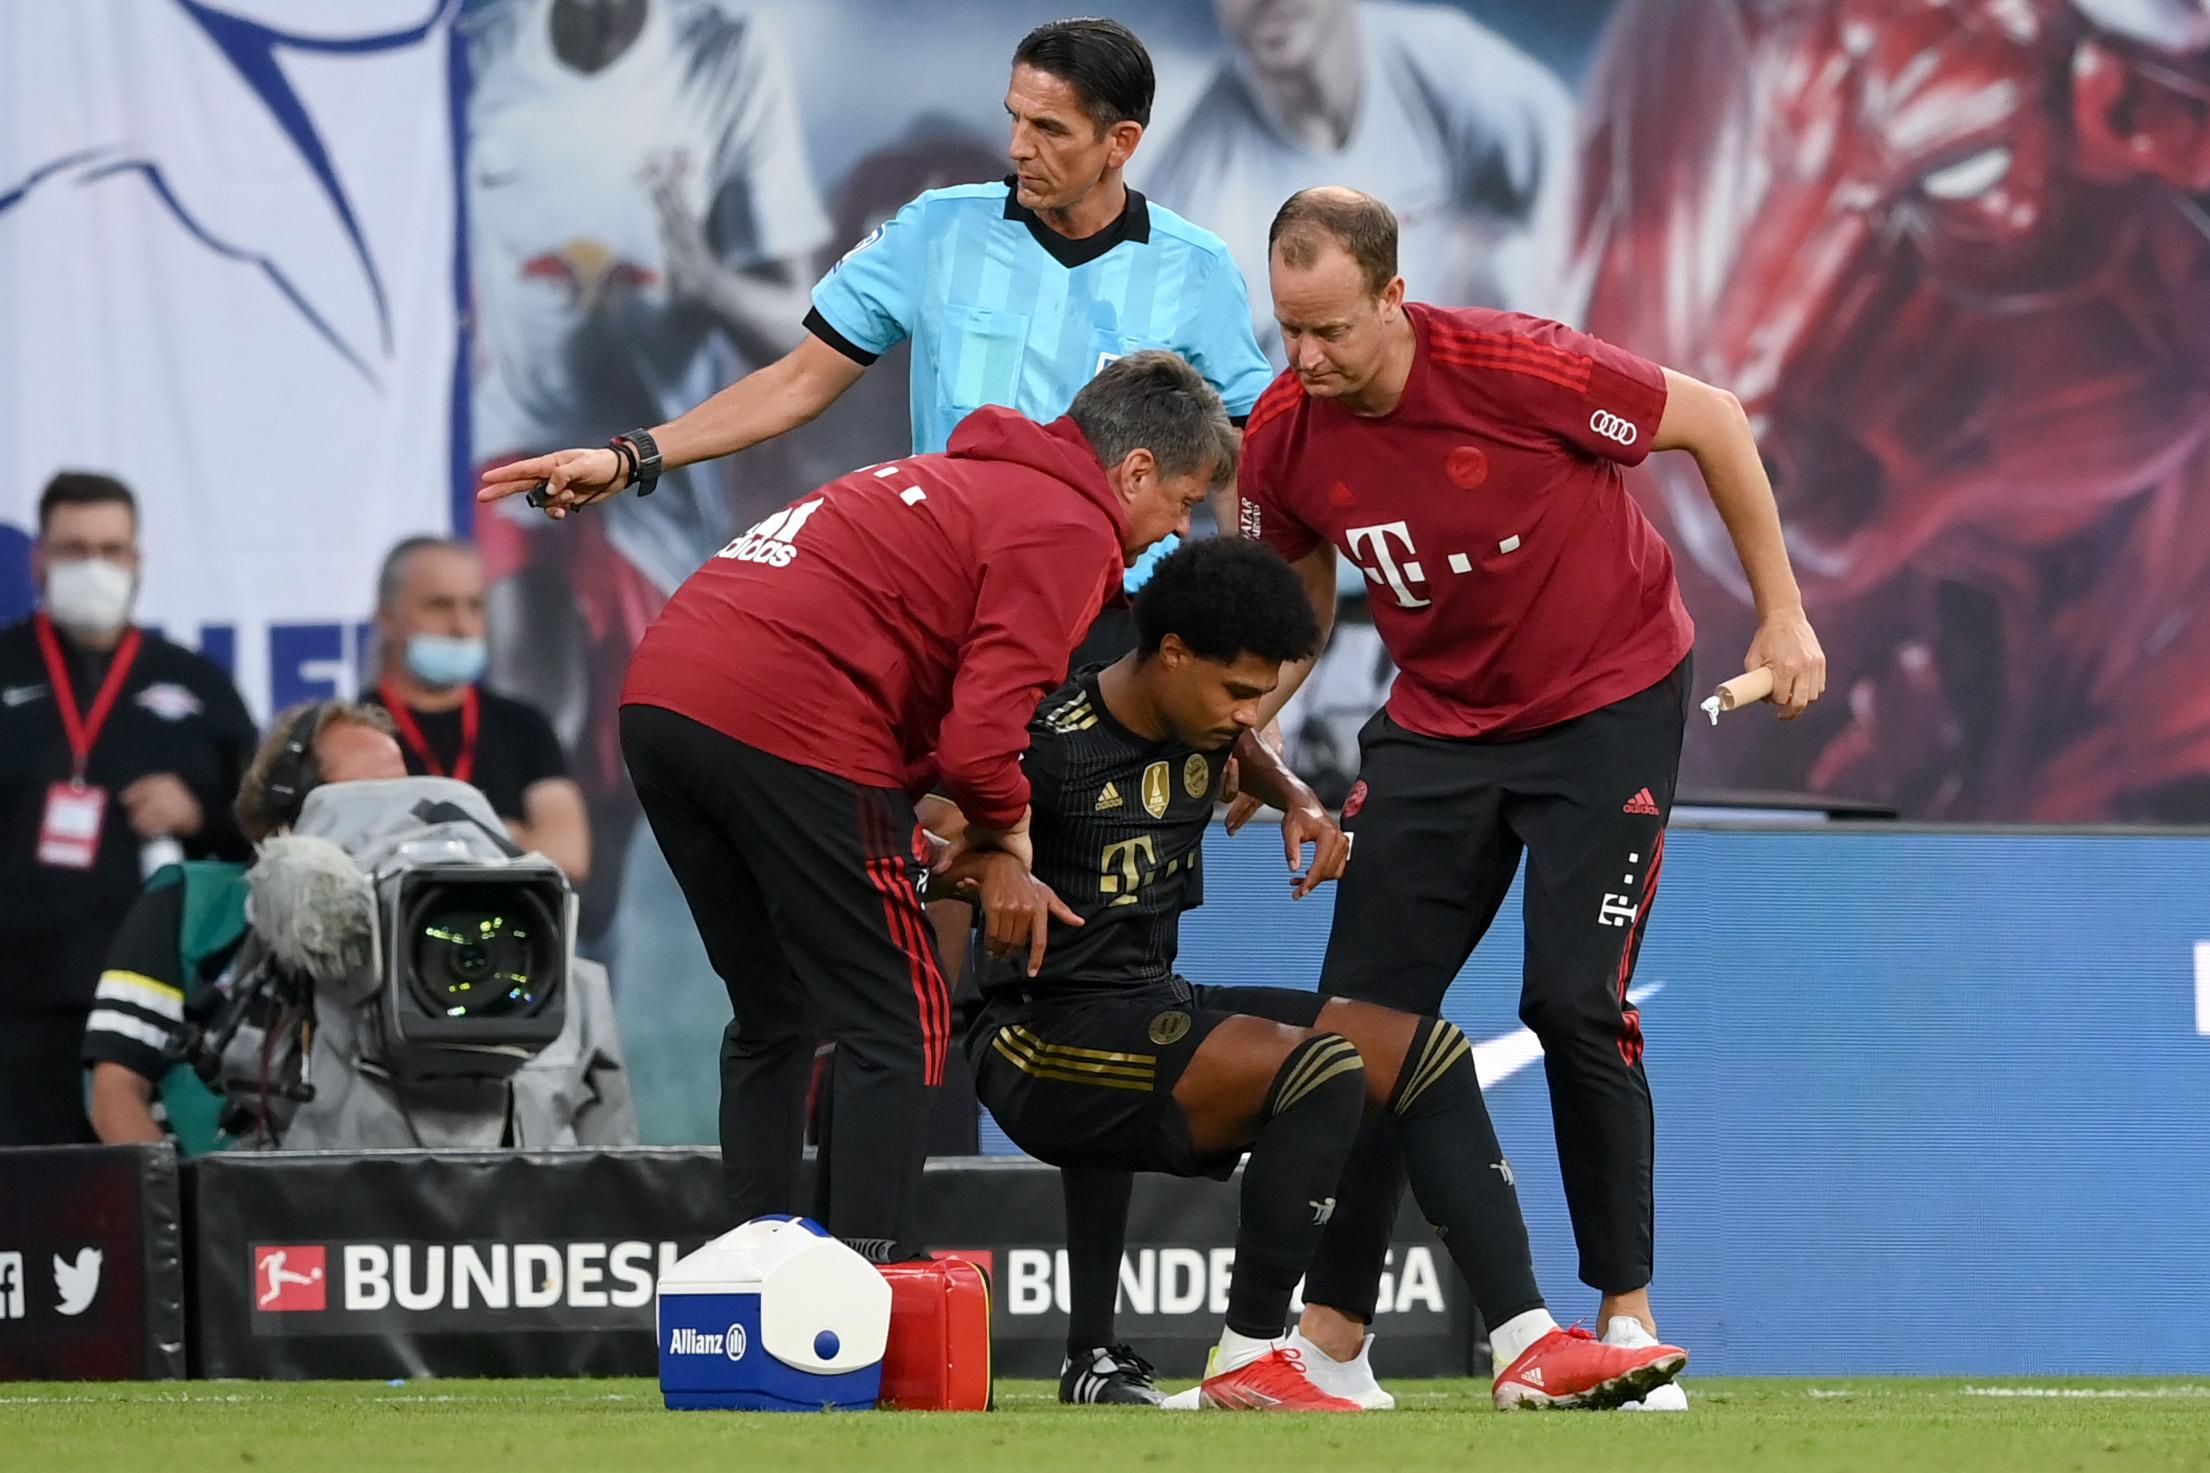 RB Leipzig v FC Bayern München - Bundesliga